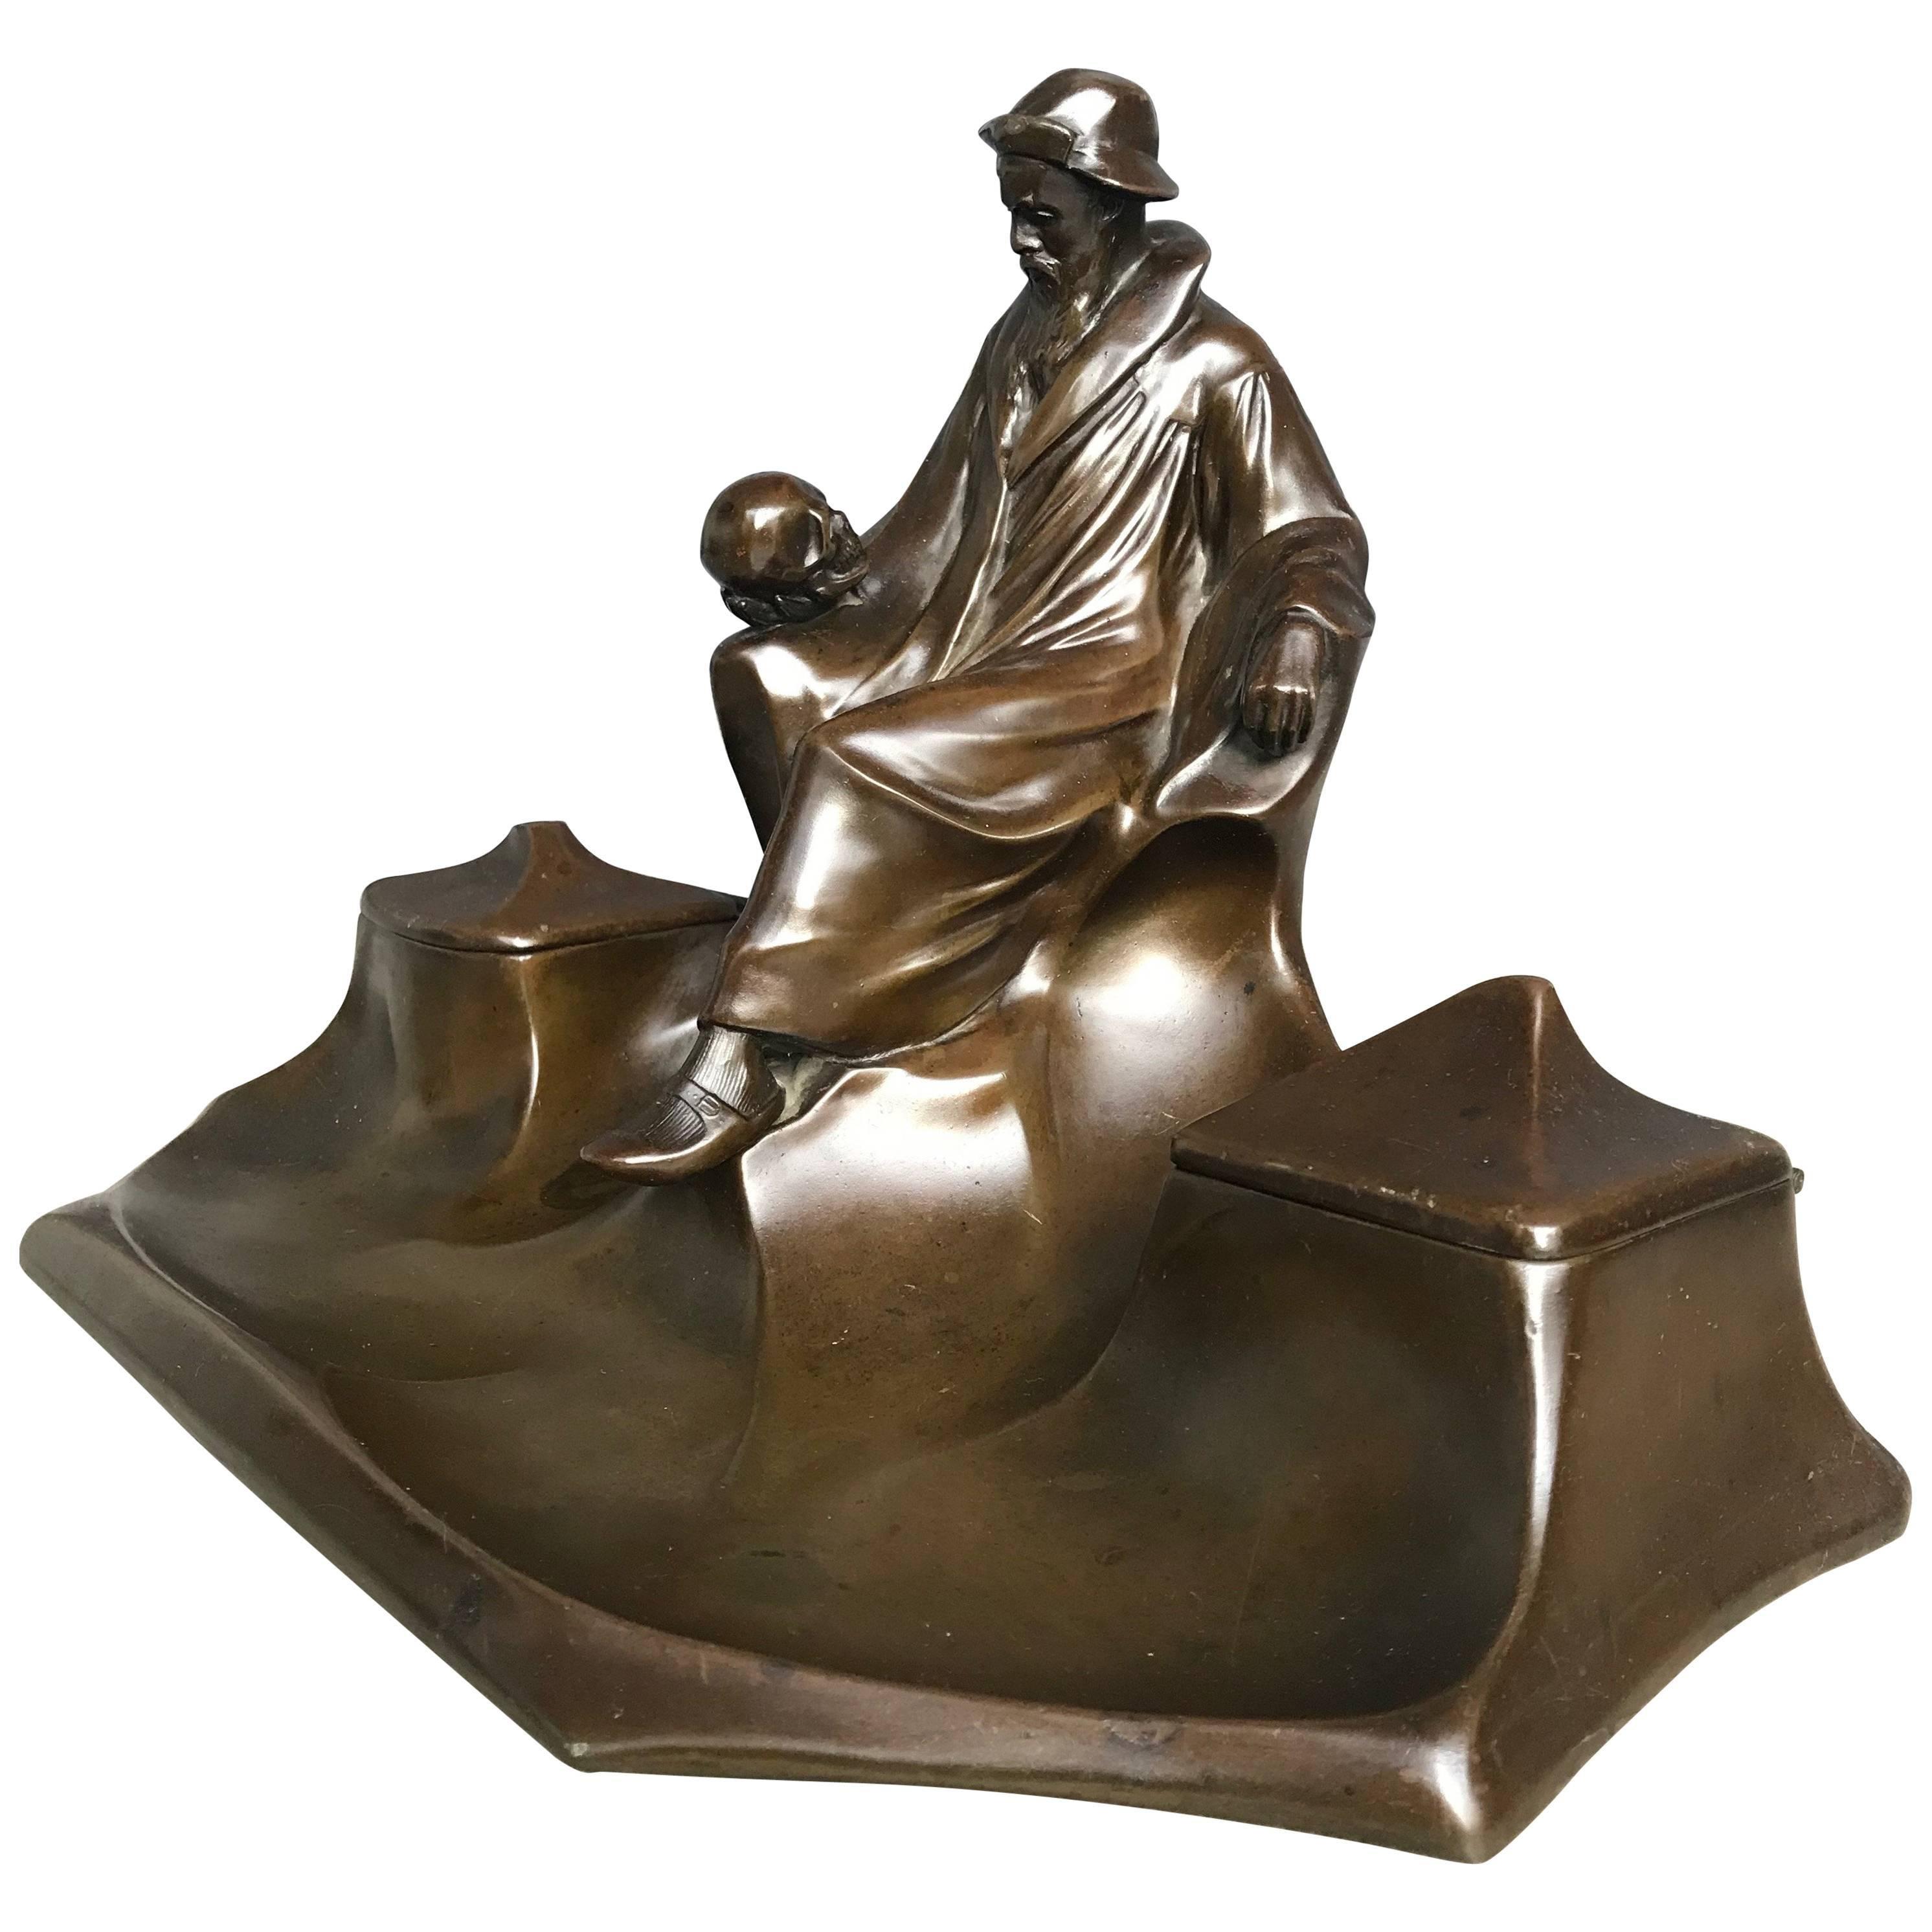 Jugendstil J.P. Kayser Inkstand / Inkwell with Great Hamlet & Skull Sculpture